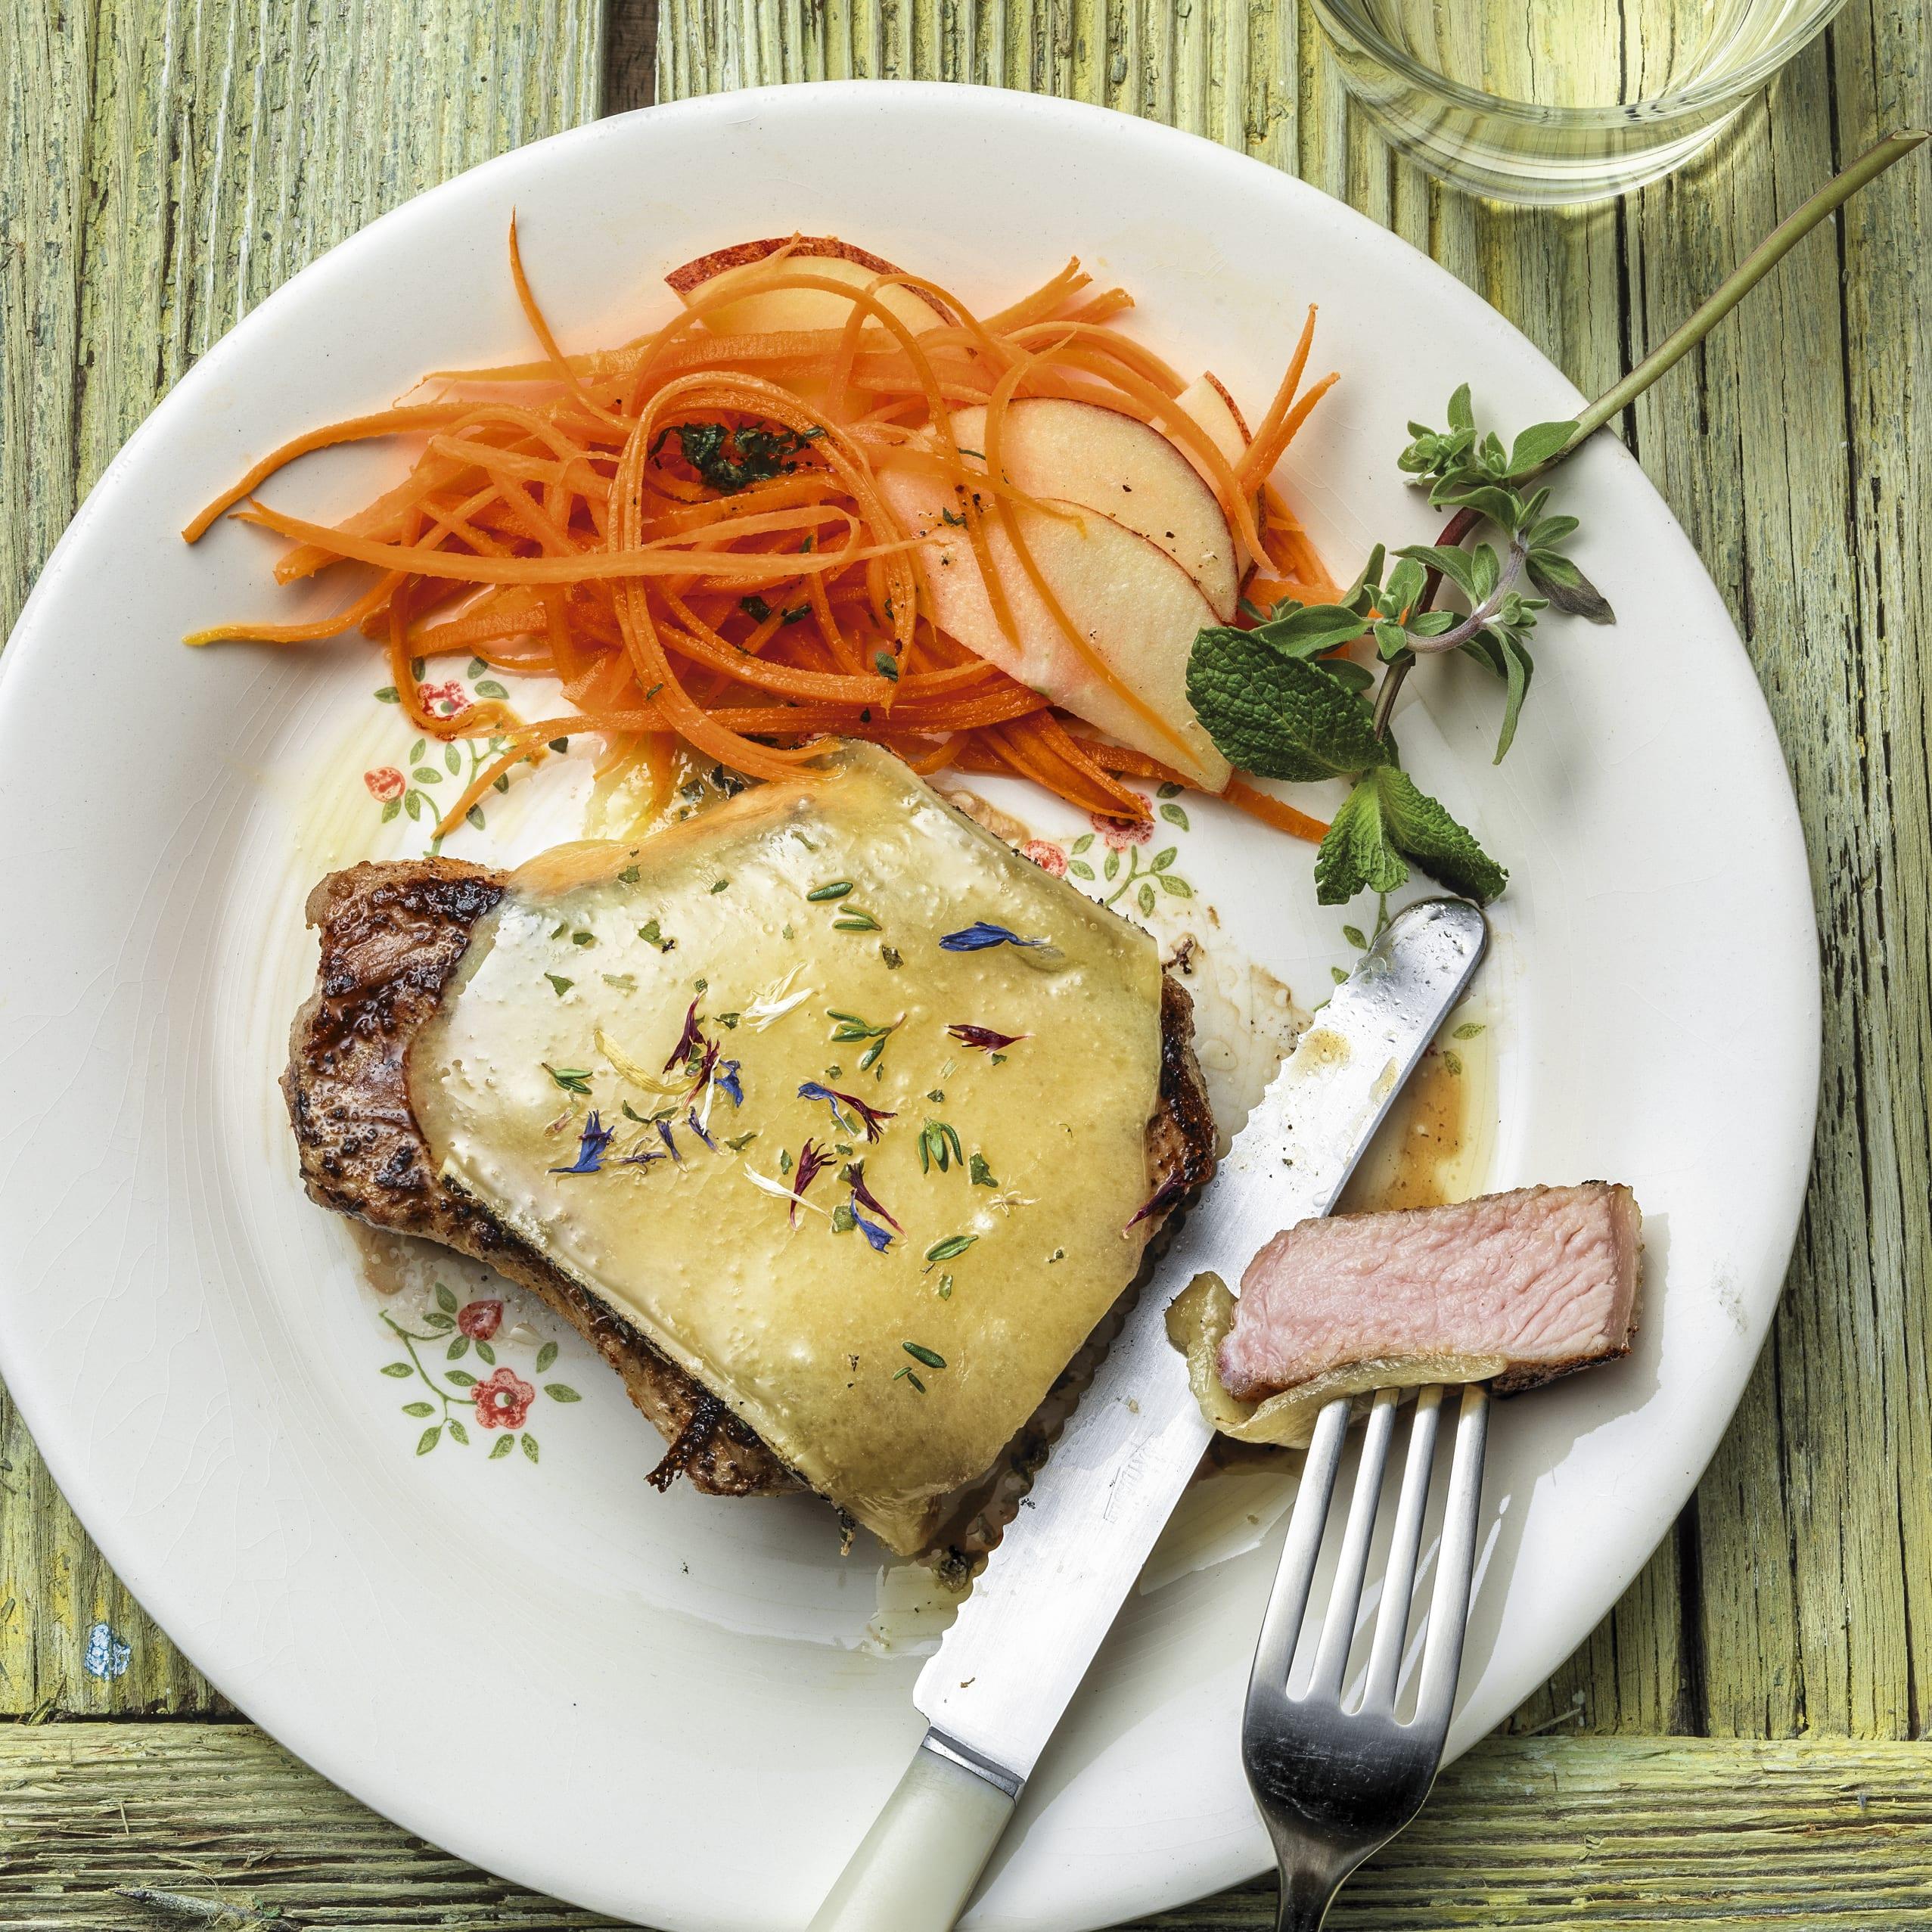 Côtelettes gratinées au fromage de montagne